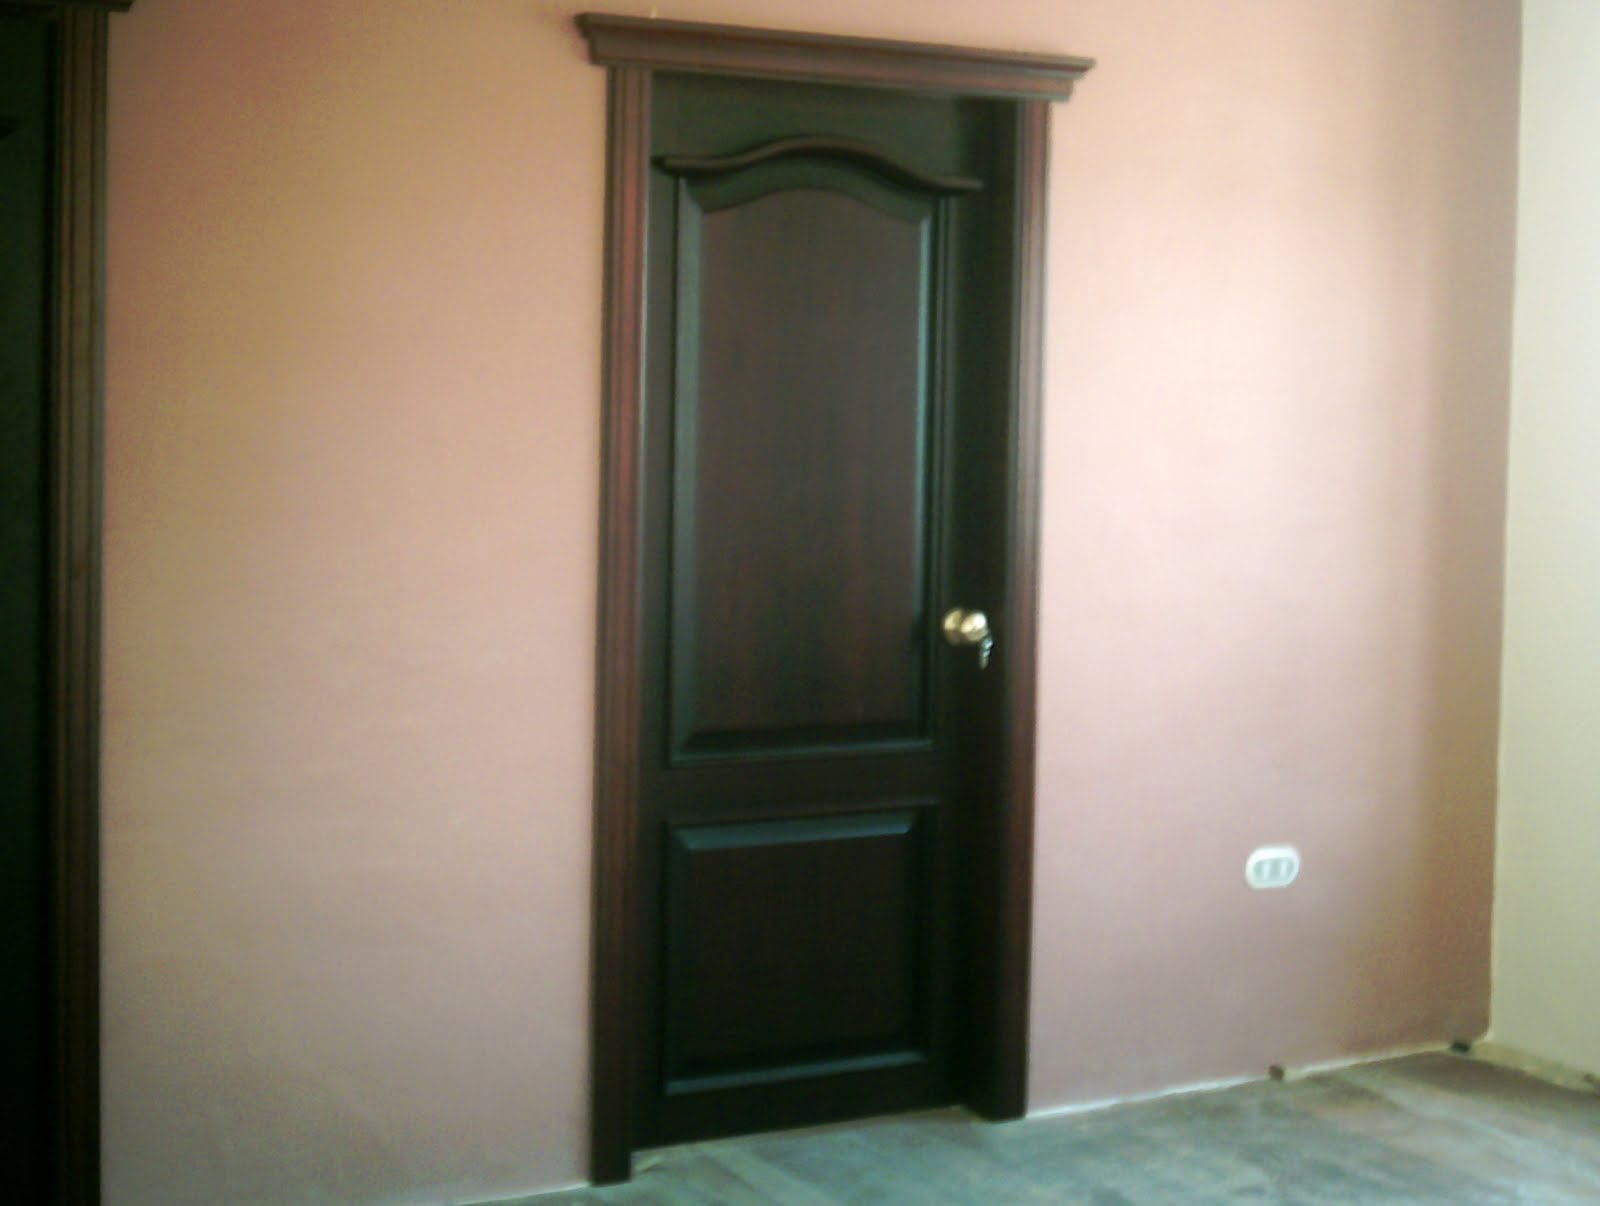 Ideatumobiliario puertas interiores y exteriores para su - Disenos puertas de madera exterior ...